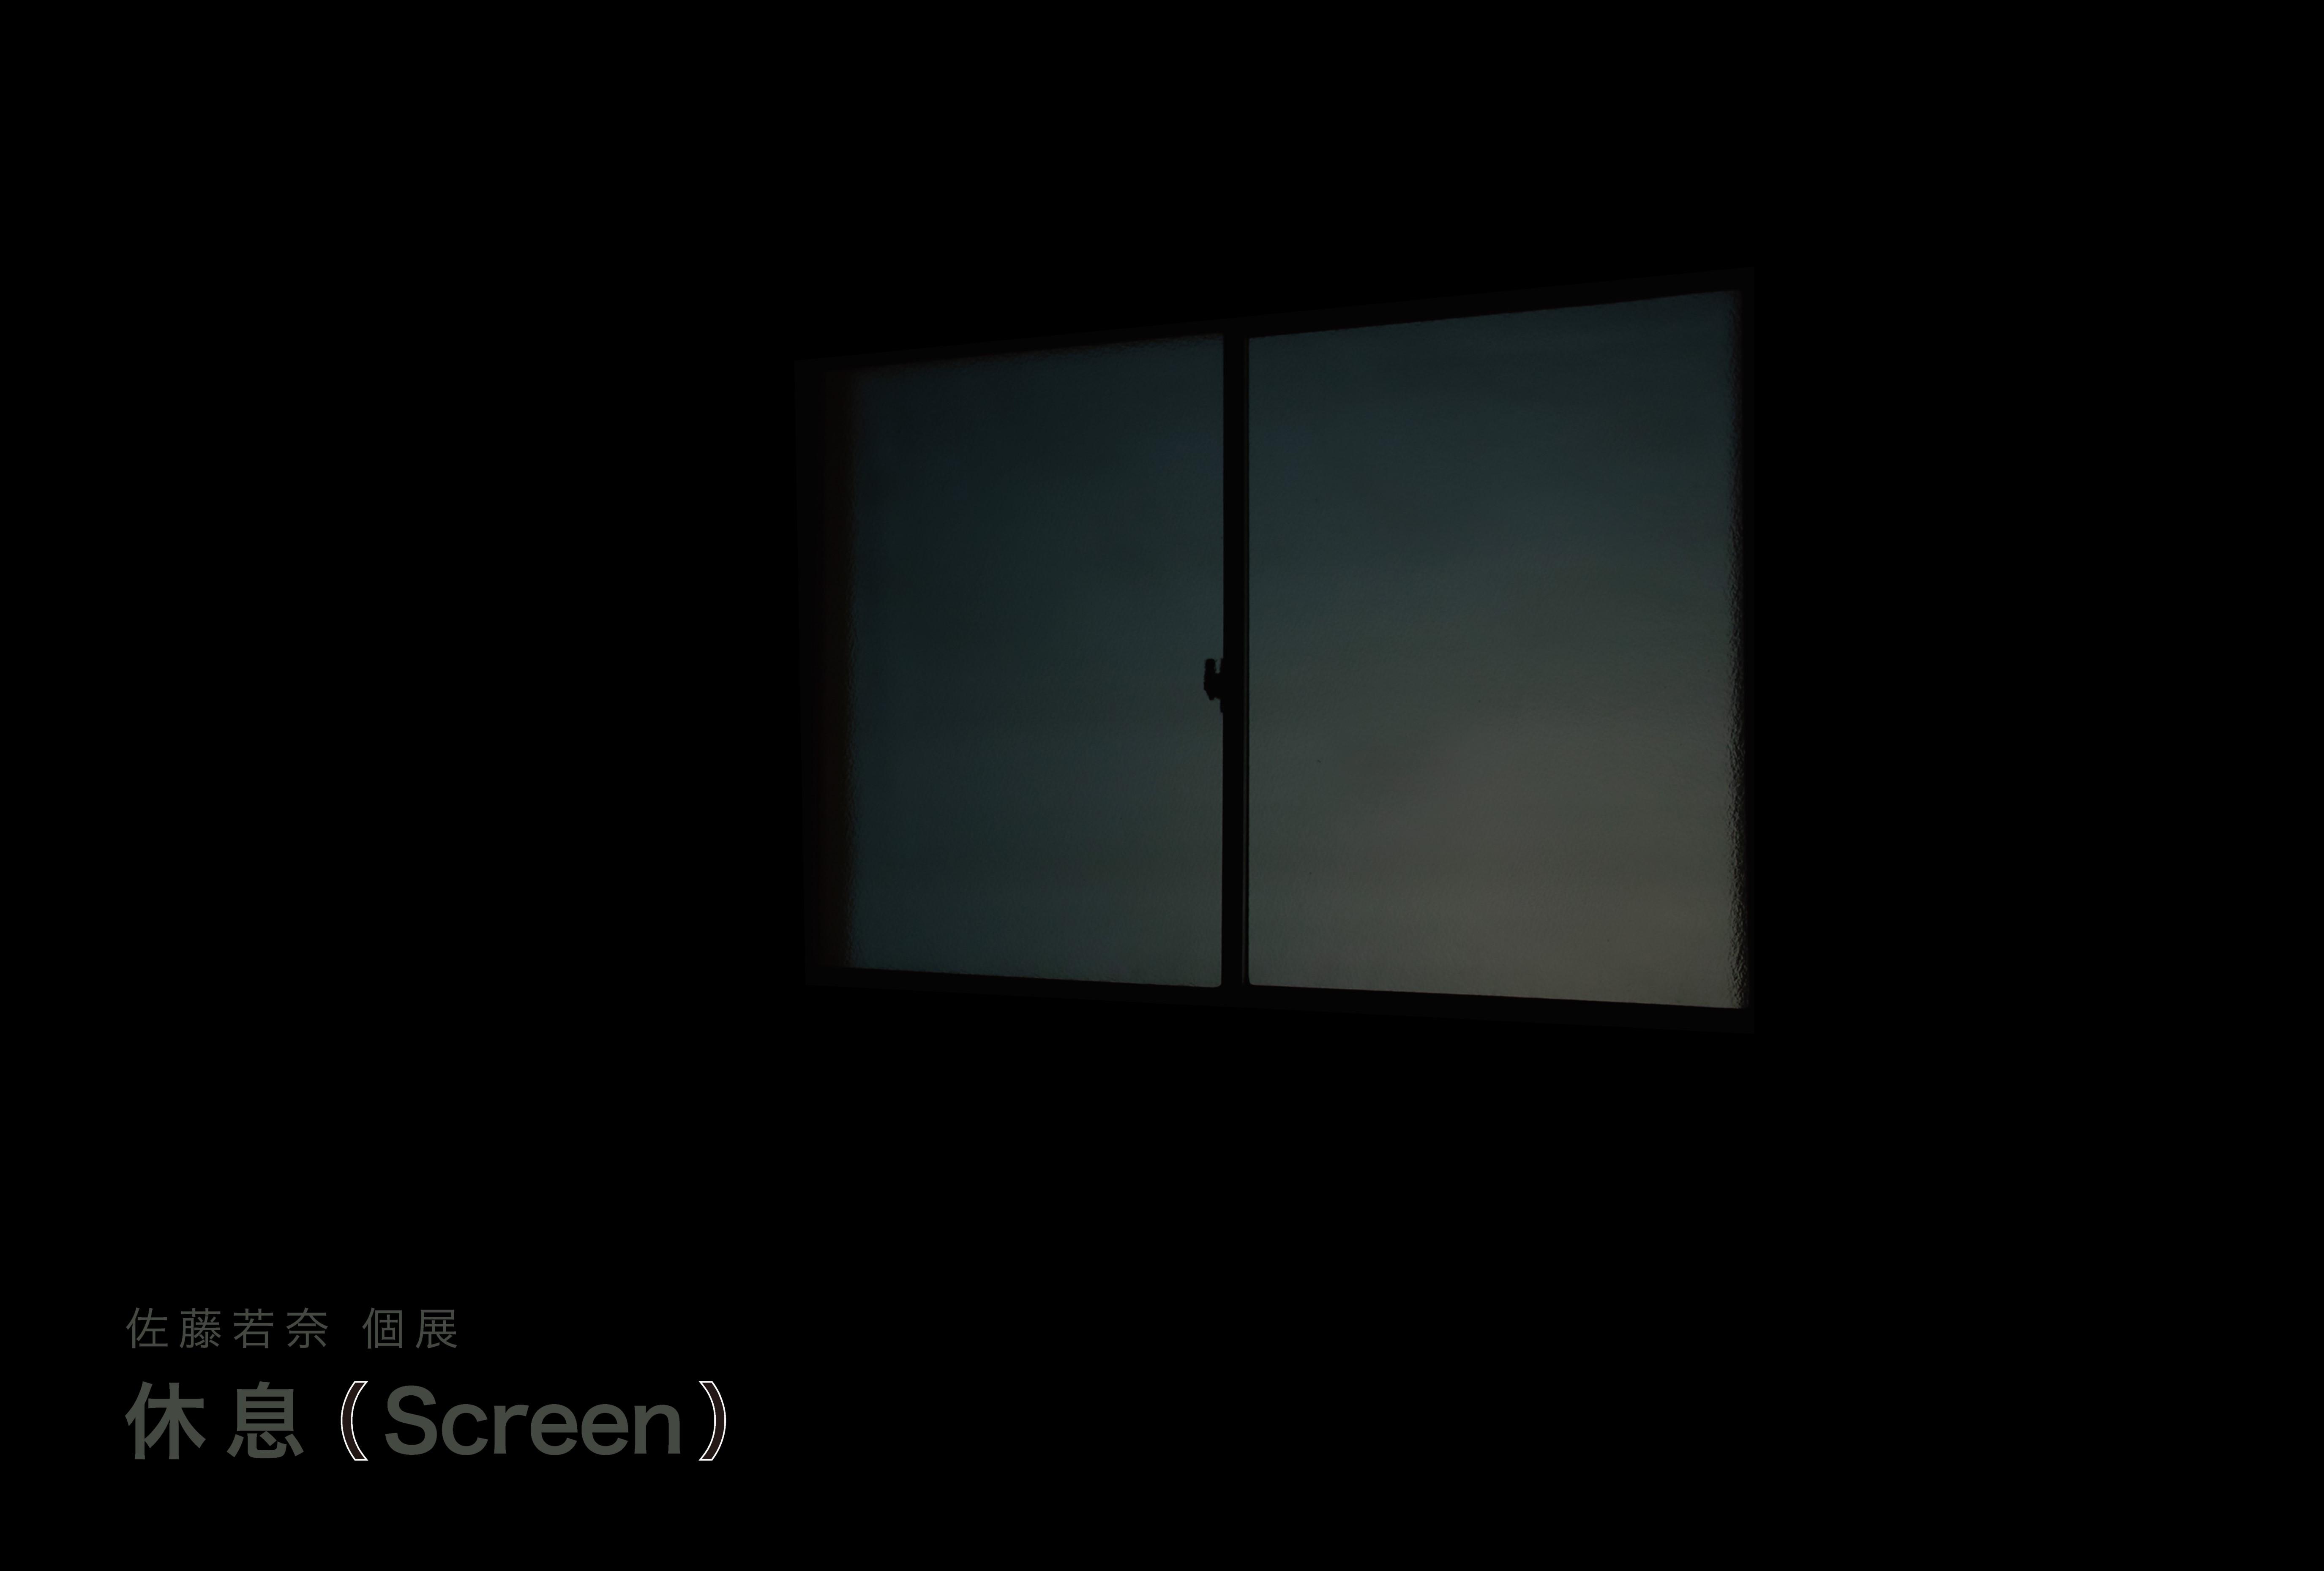 個展「休息(Screen)」